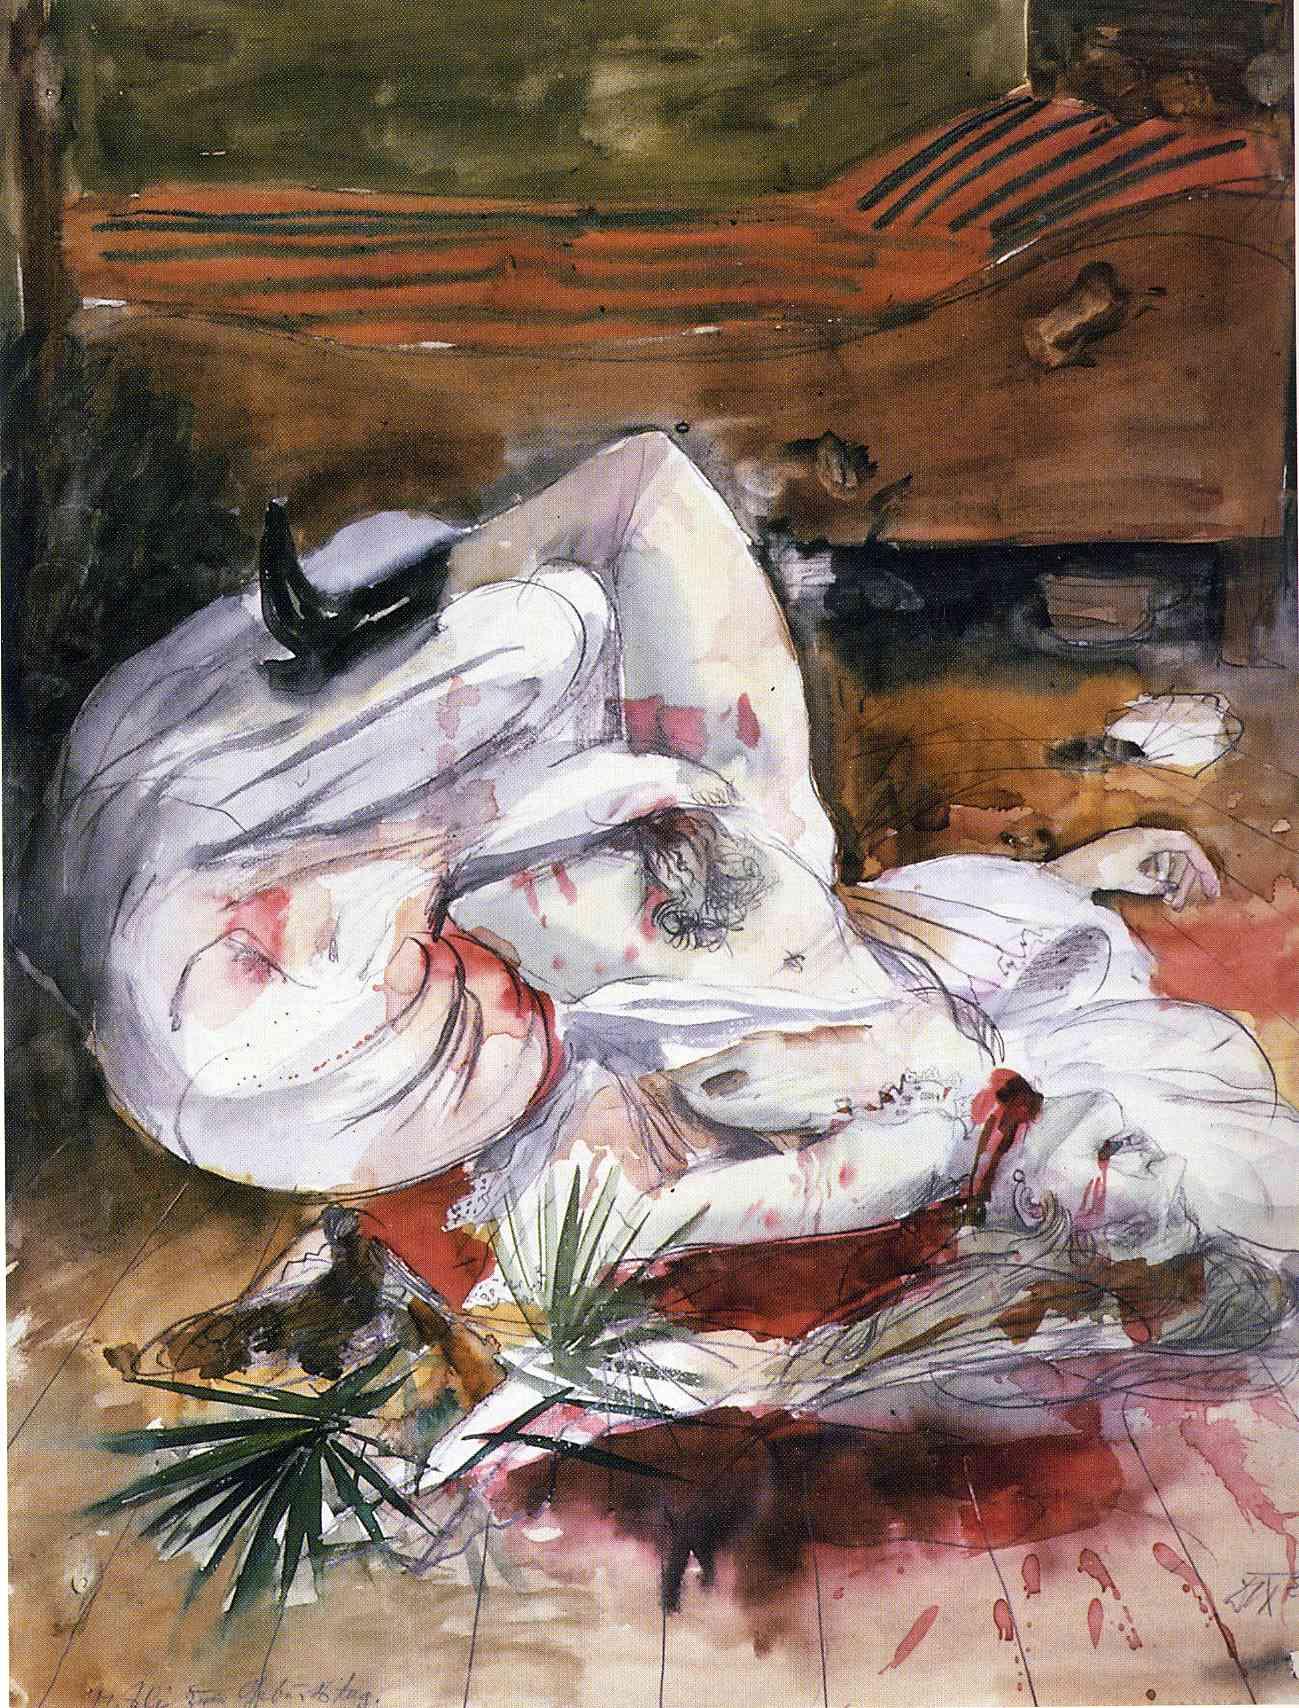 Otto Dix, Scene II (Mord), 1922, water color on paper